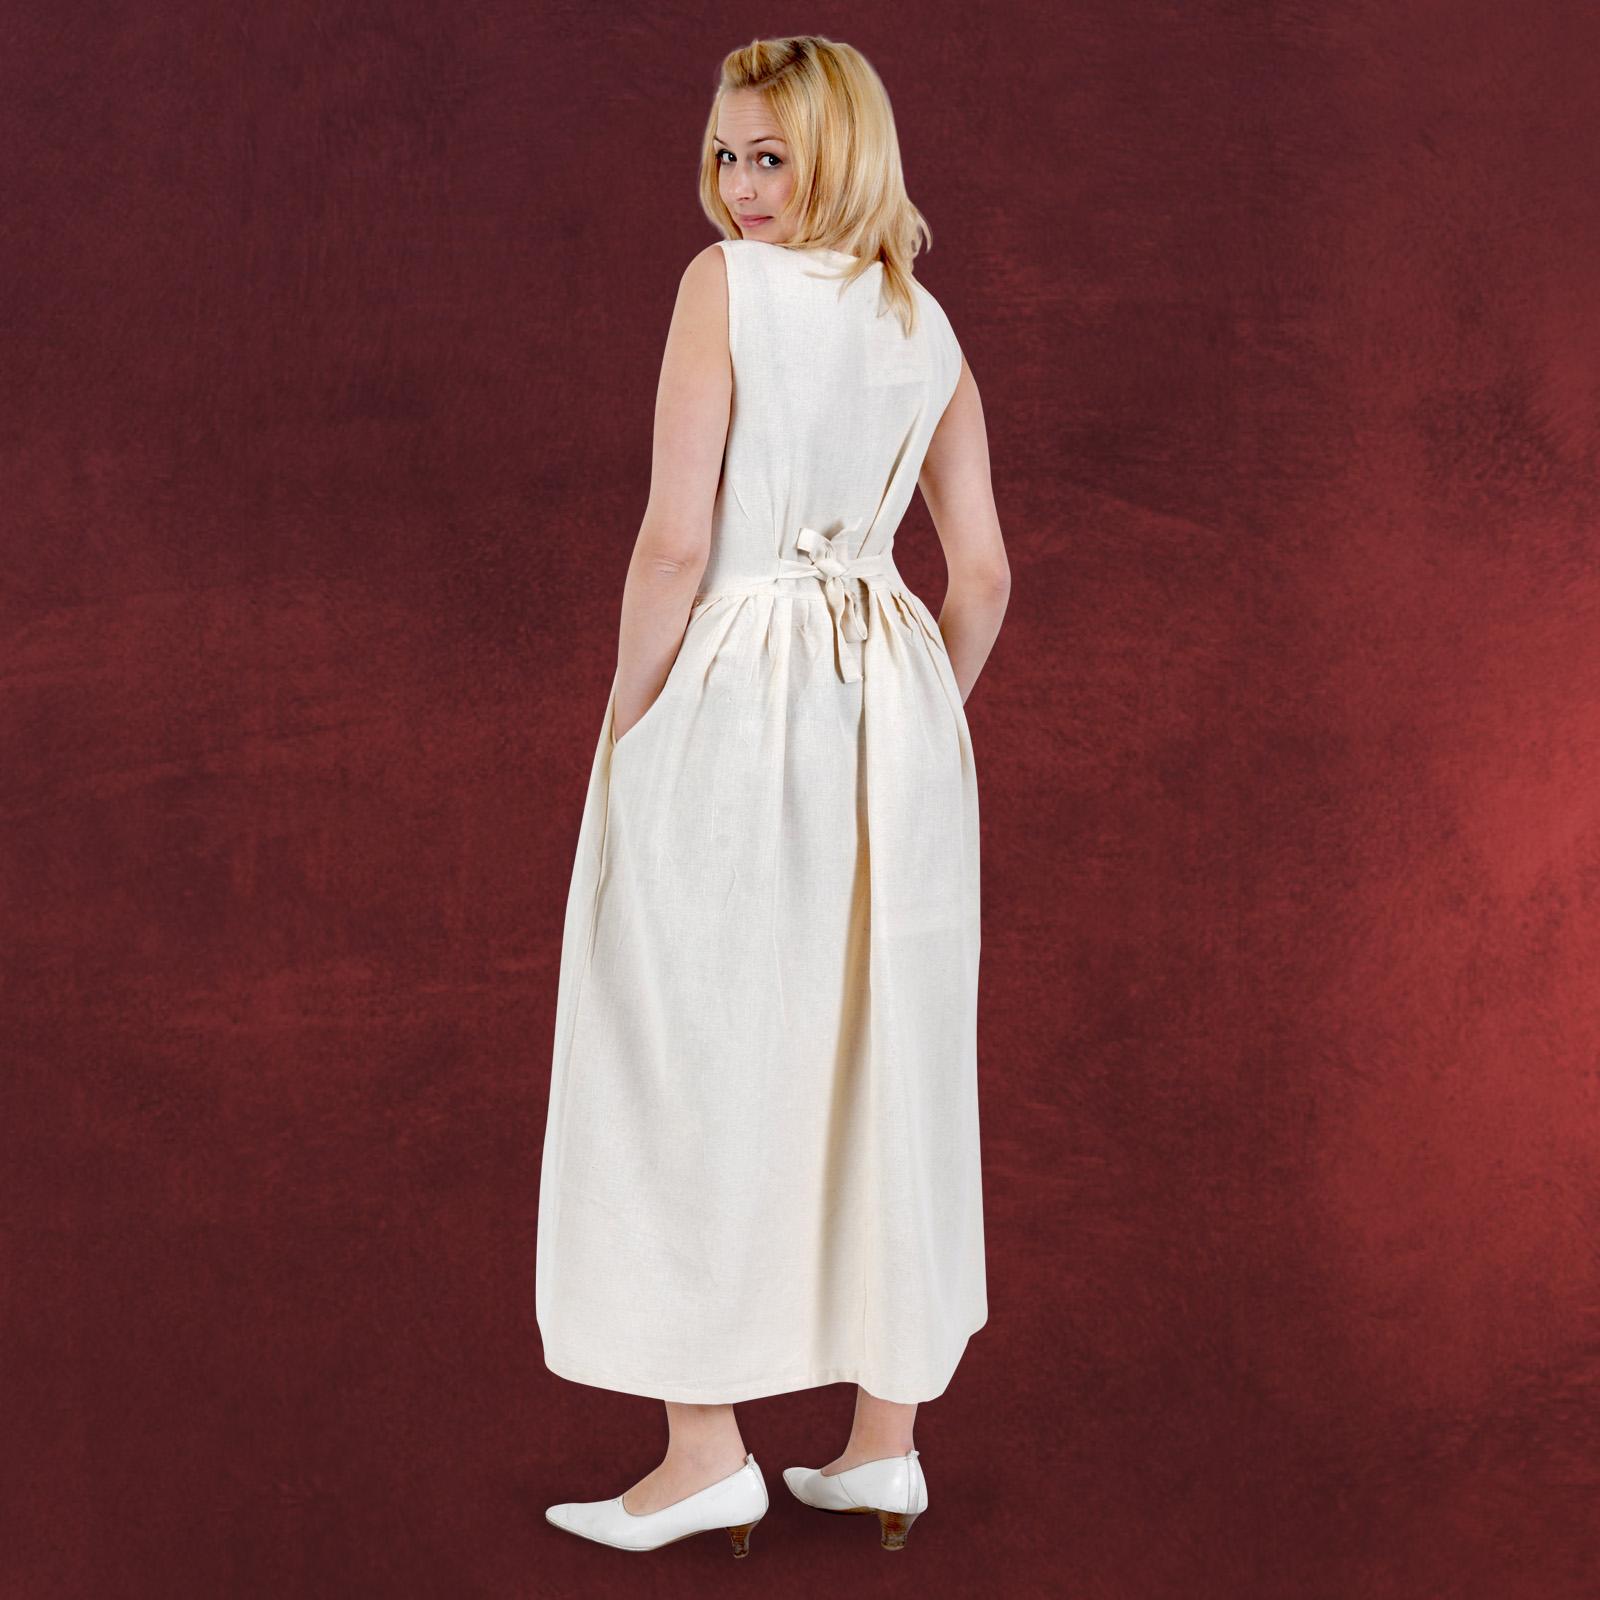 Mittelalter Kleid Theresia - Damen Trägerkleid natur ...